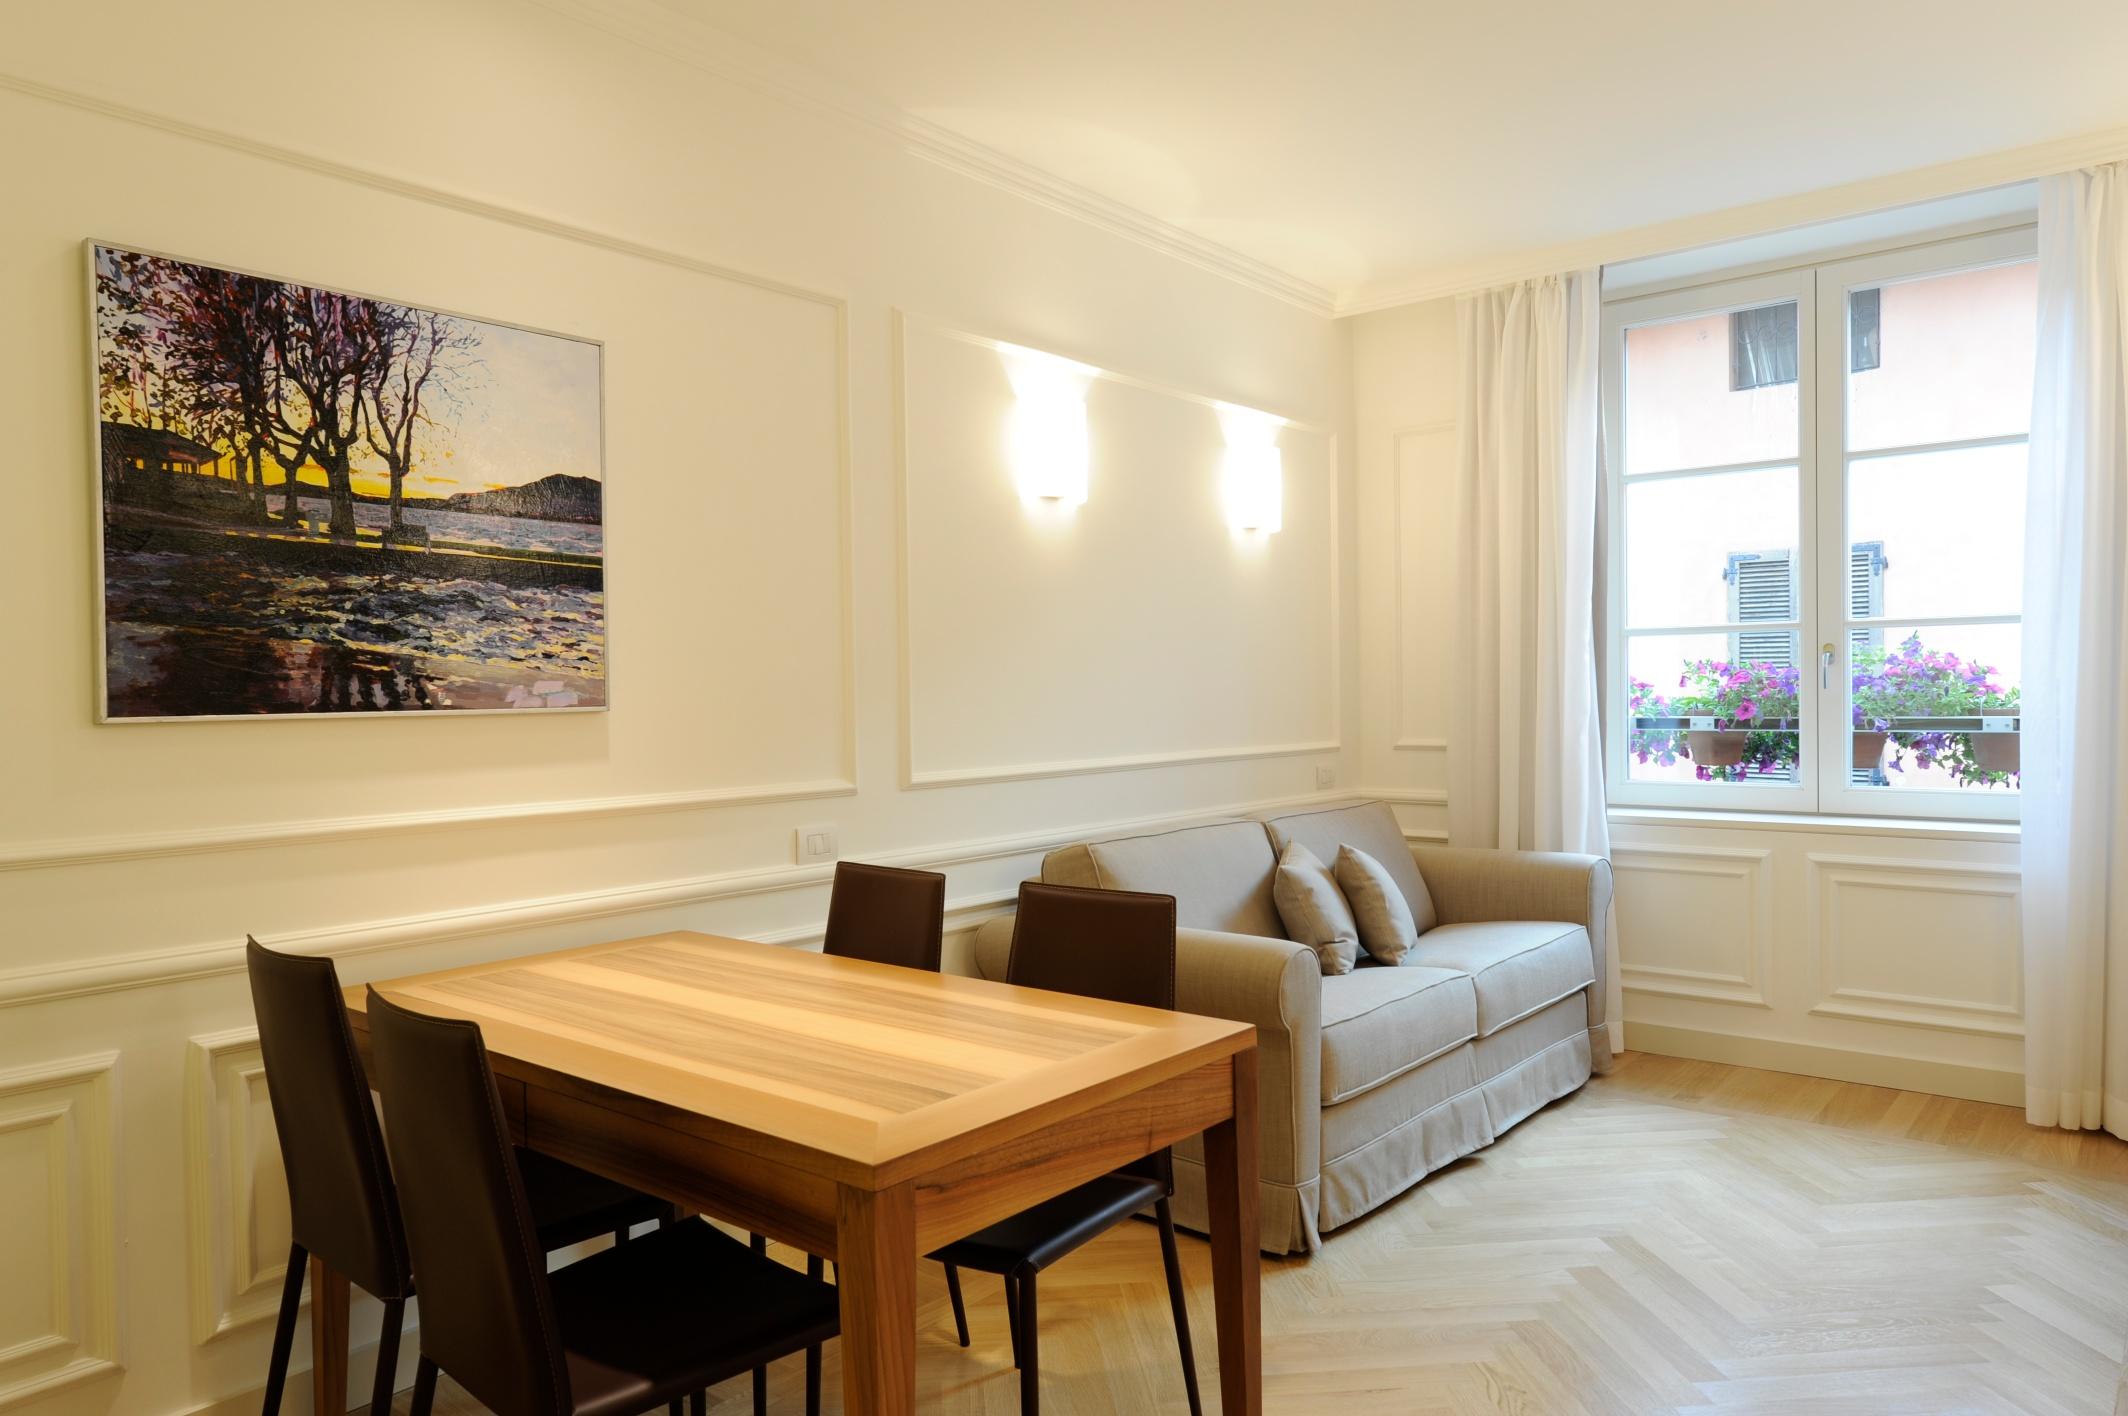 Aparthotel casa vacanze suite boutique hotel iseo - Divano e tavolo da pranzo ...